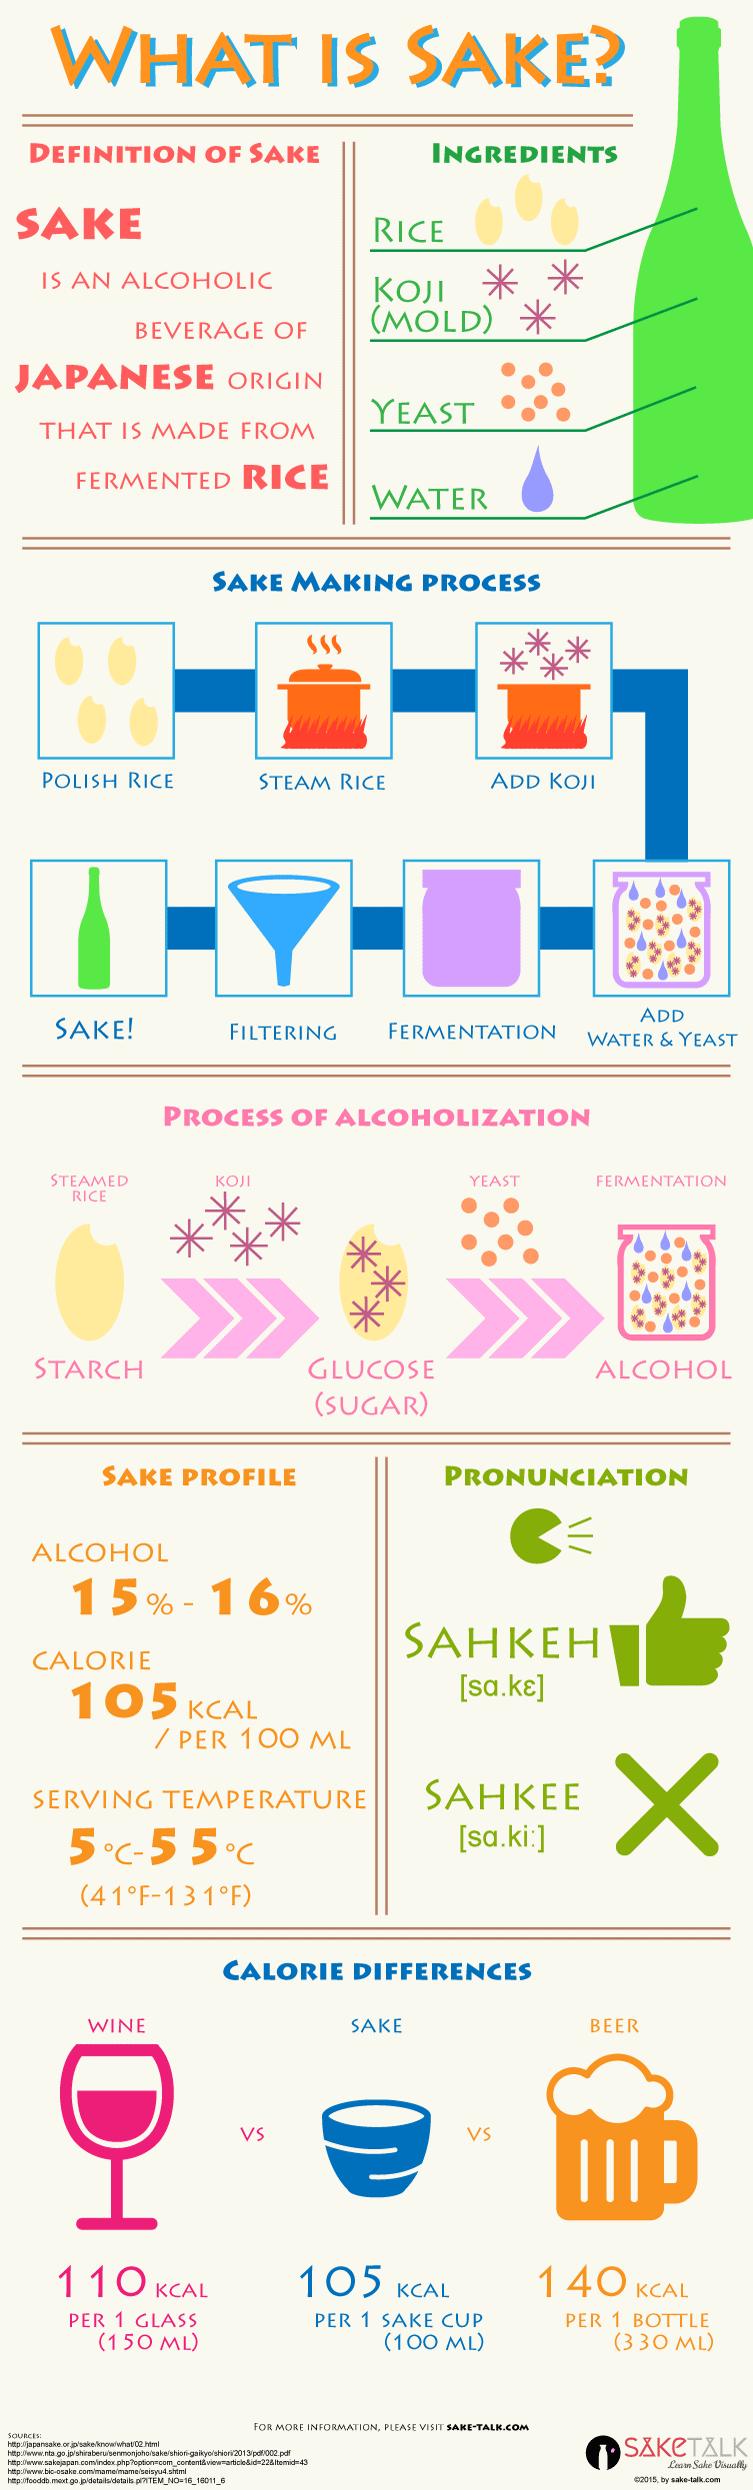 What is sake